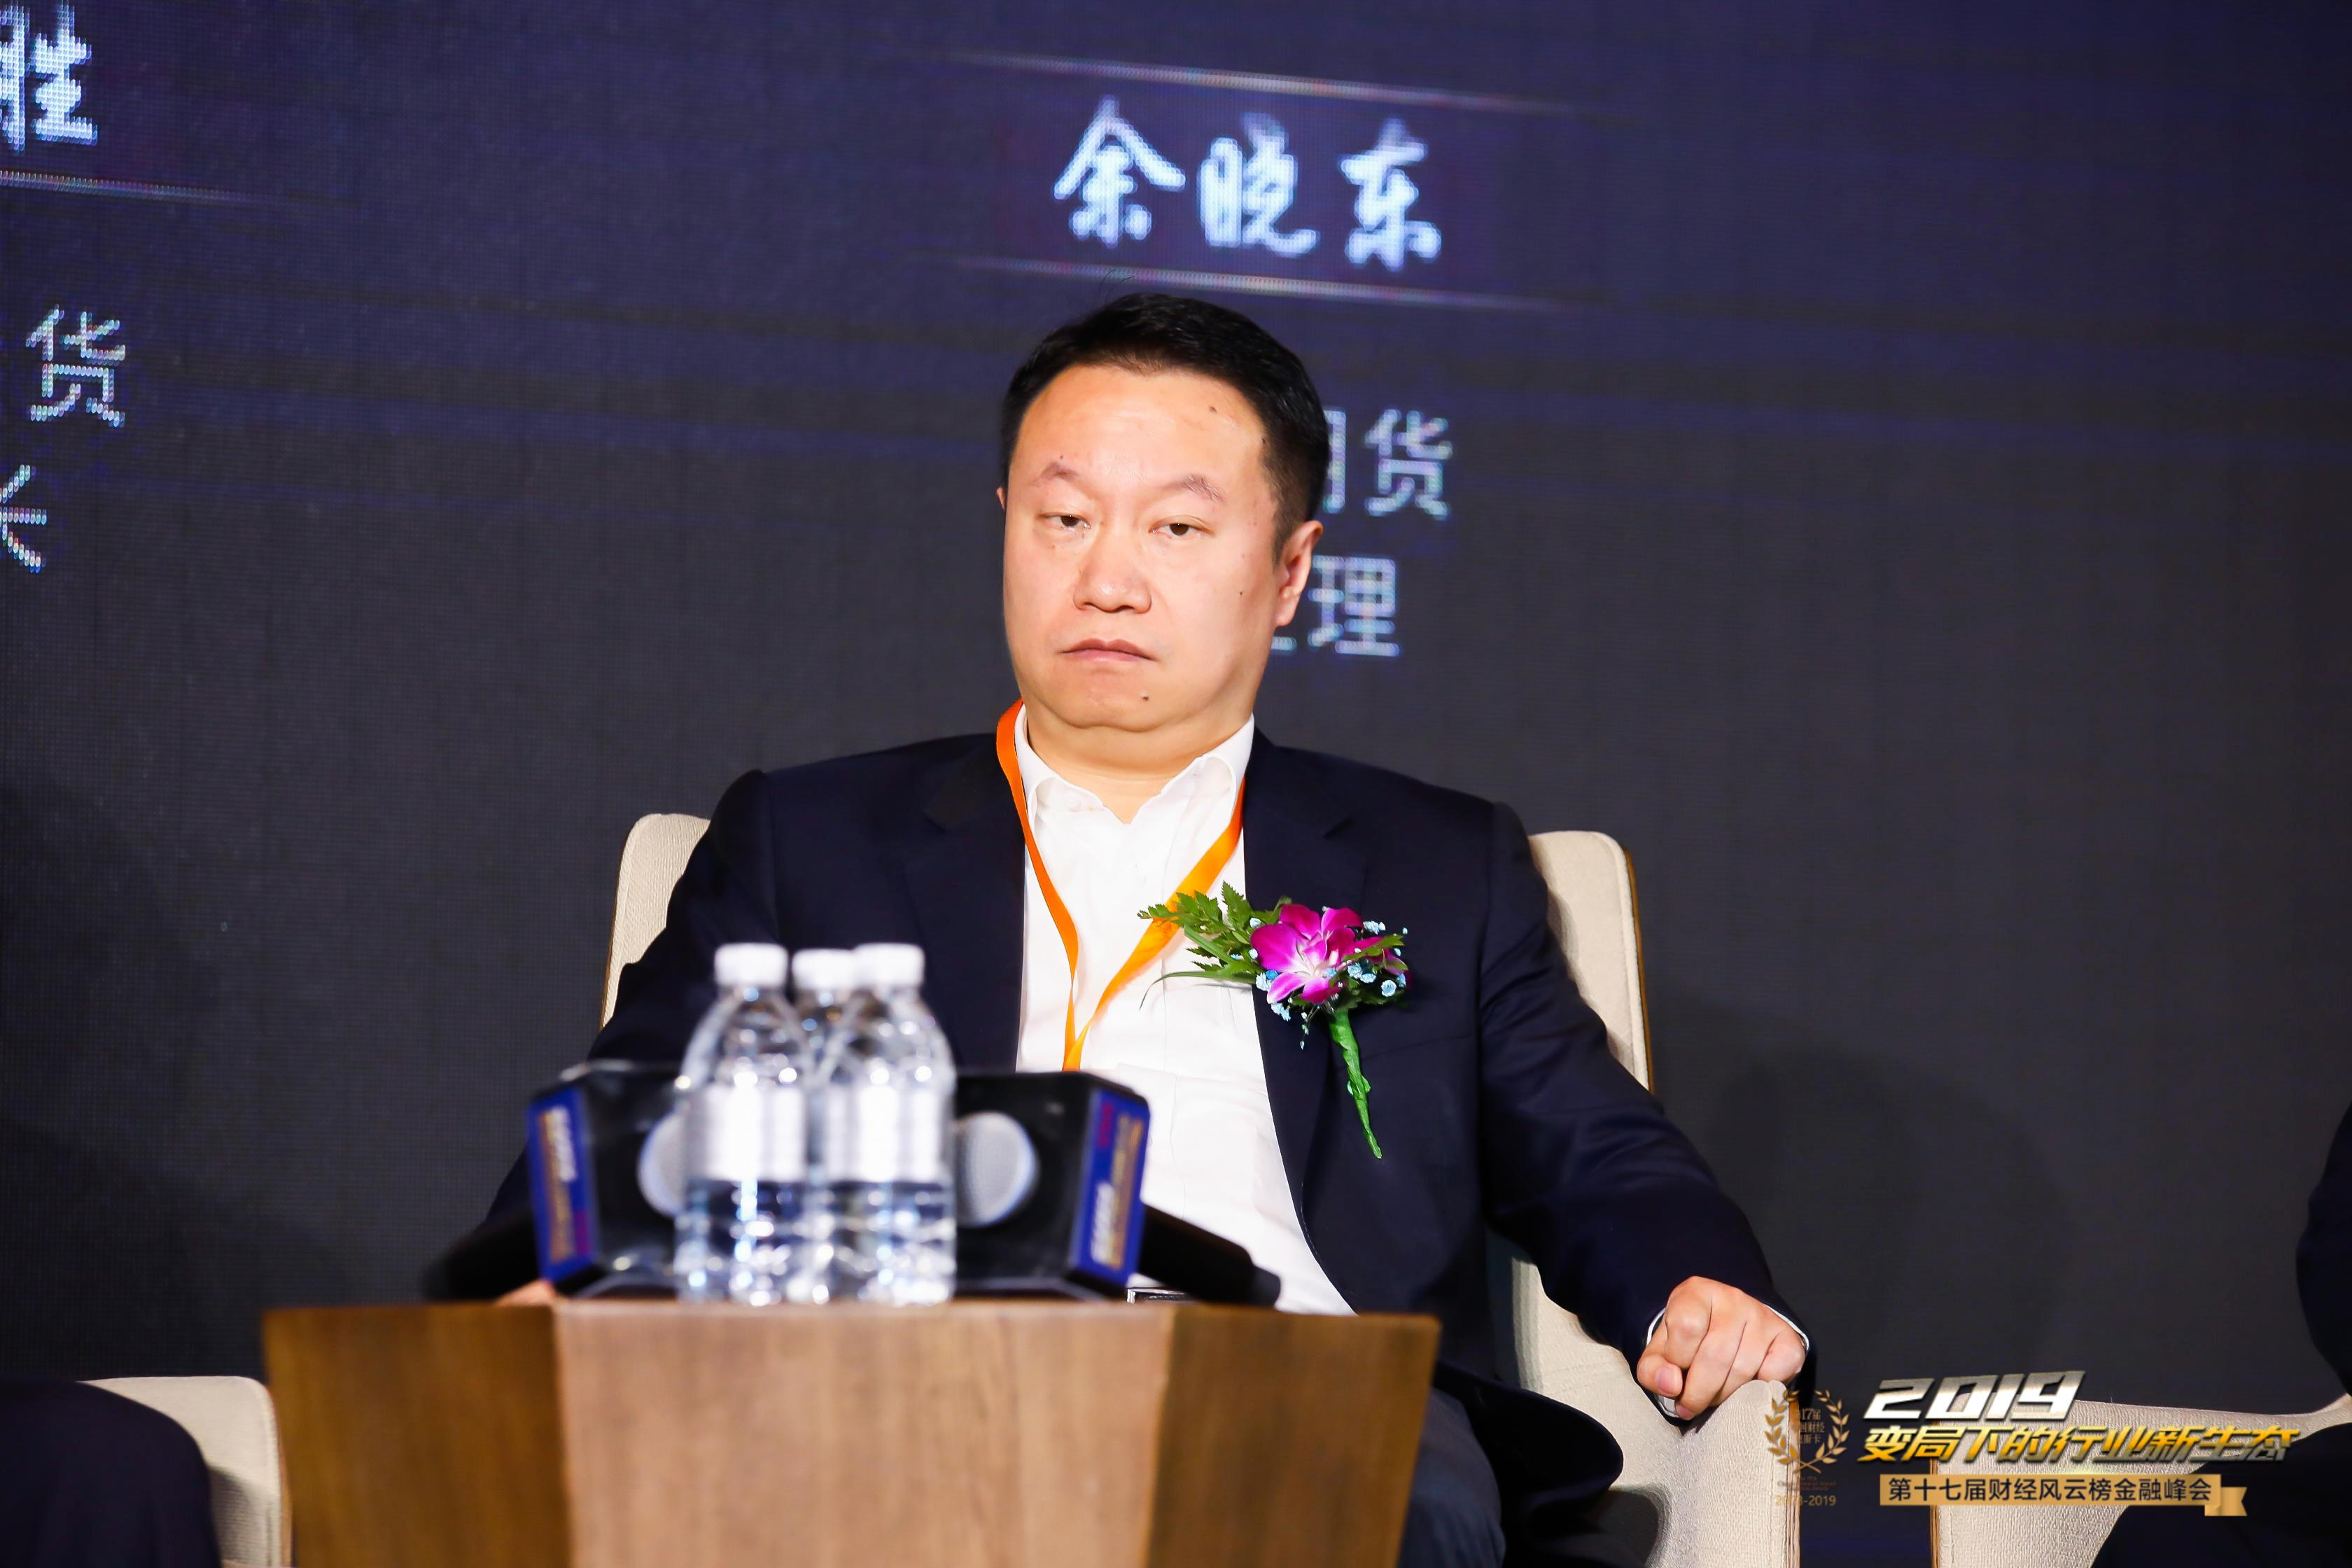 马文胜:期货公司应找到自己的聚焦点